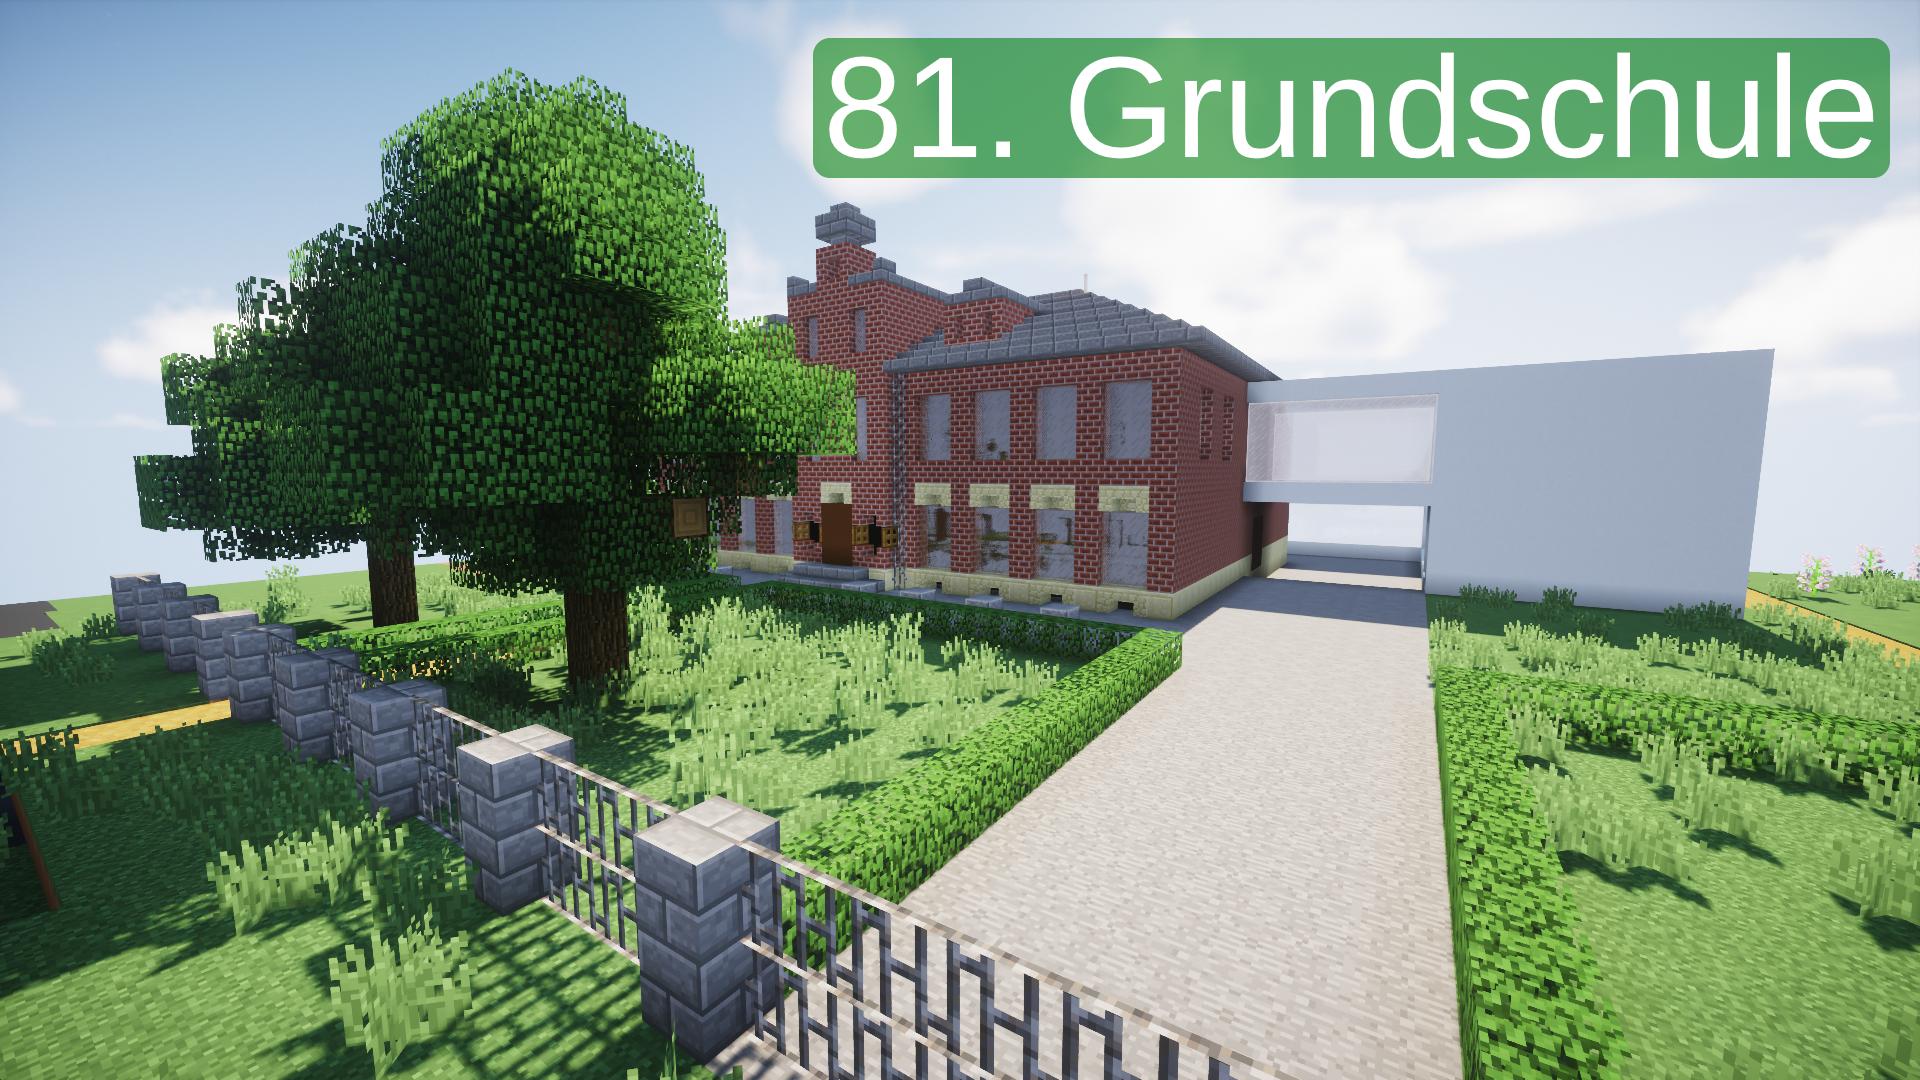 81Grundschule